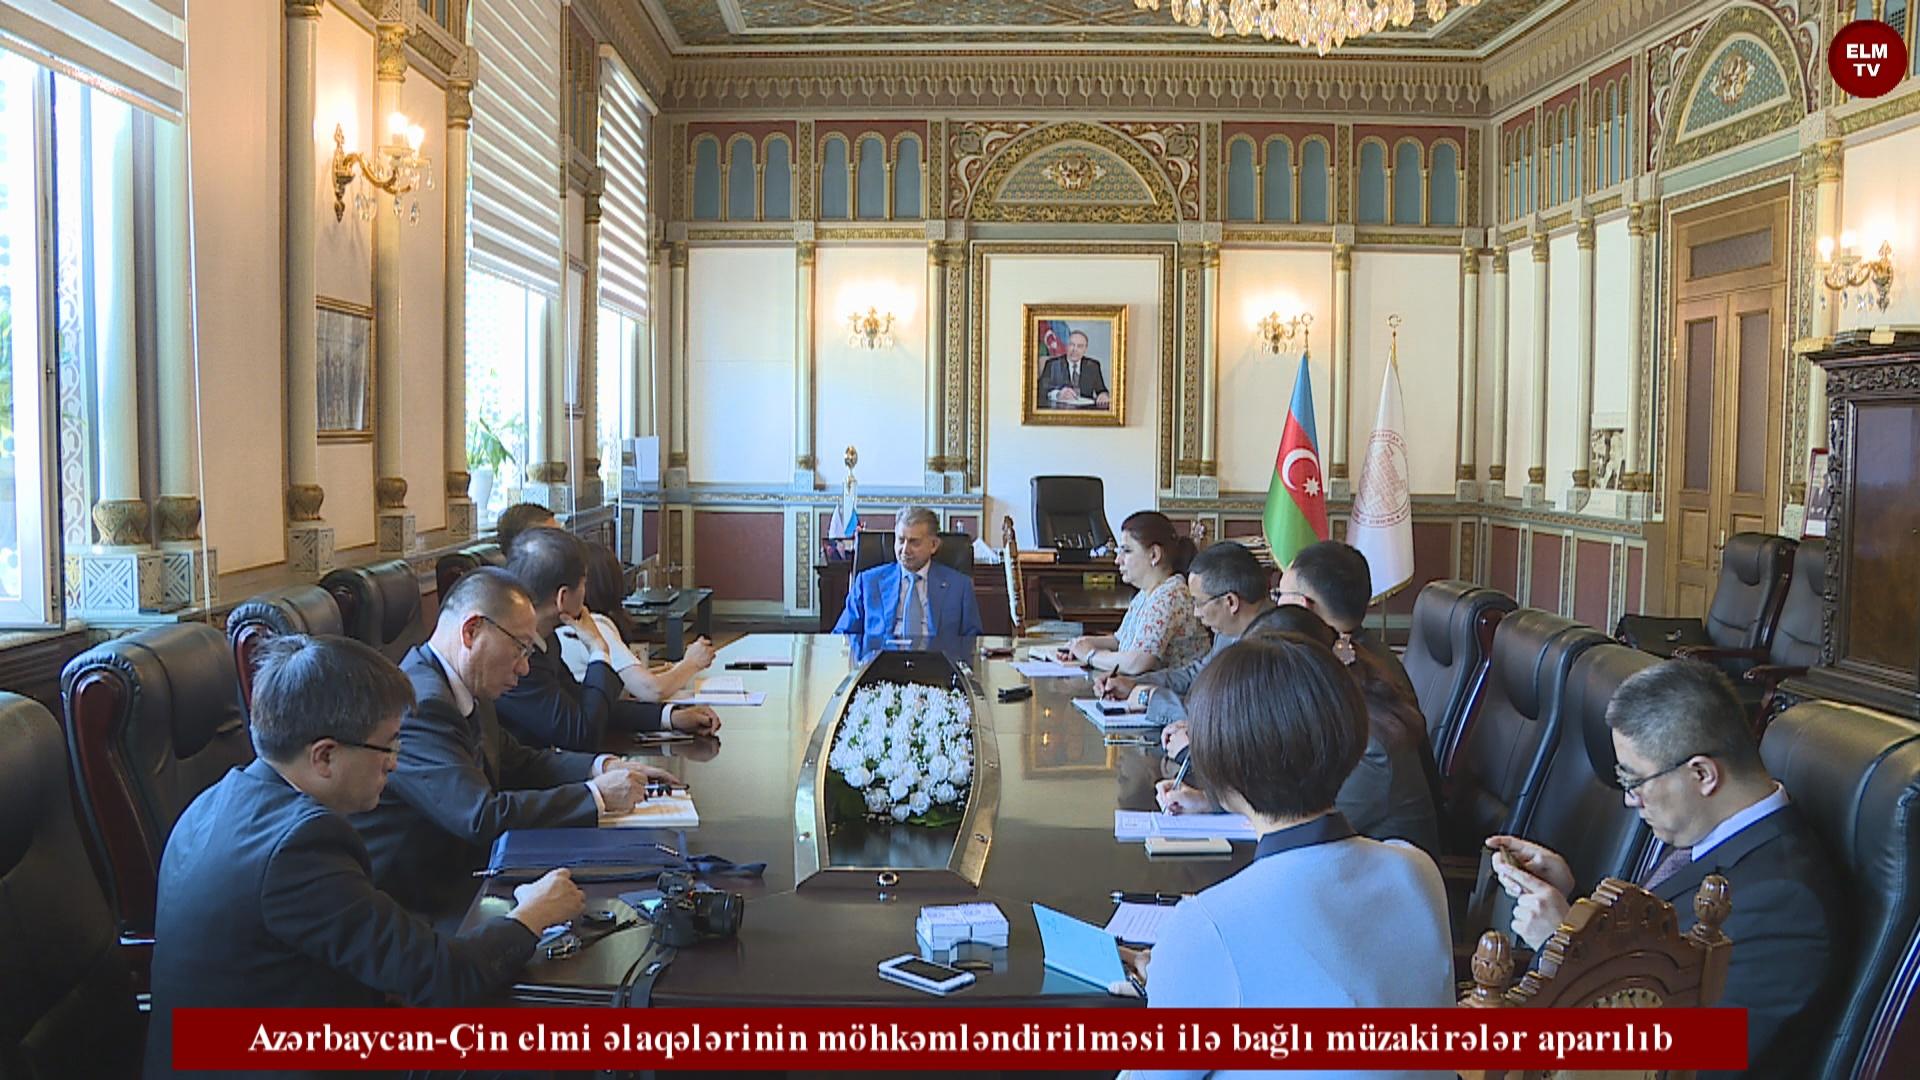 Azərbaycan-Çin elmi əlaqələrinin möhkəmləndirilməsi ilə bağlı müzakirələr aparılıb